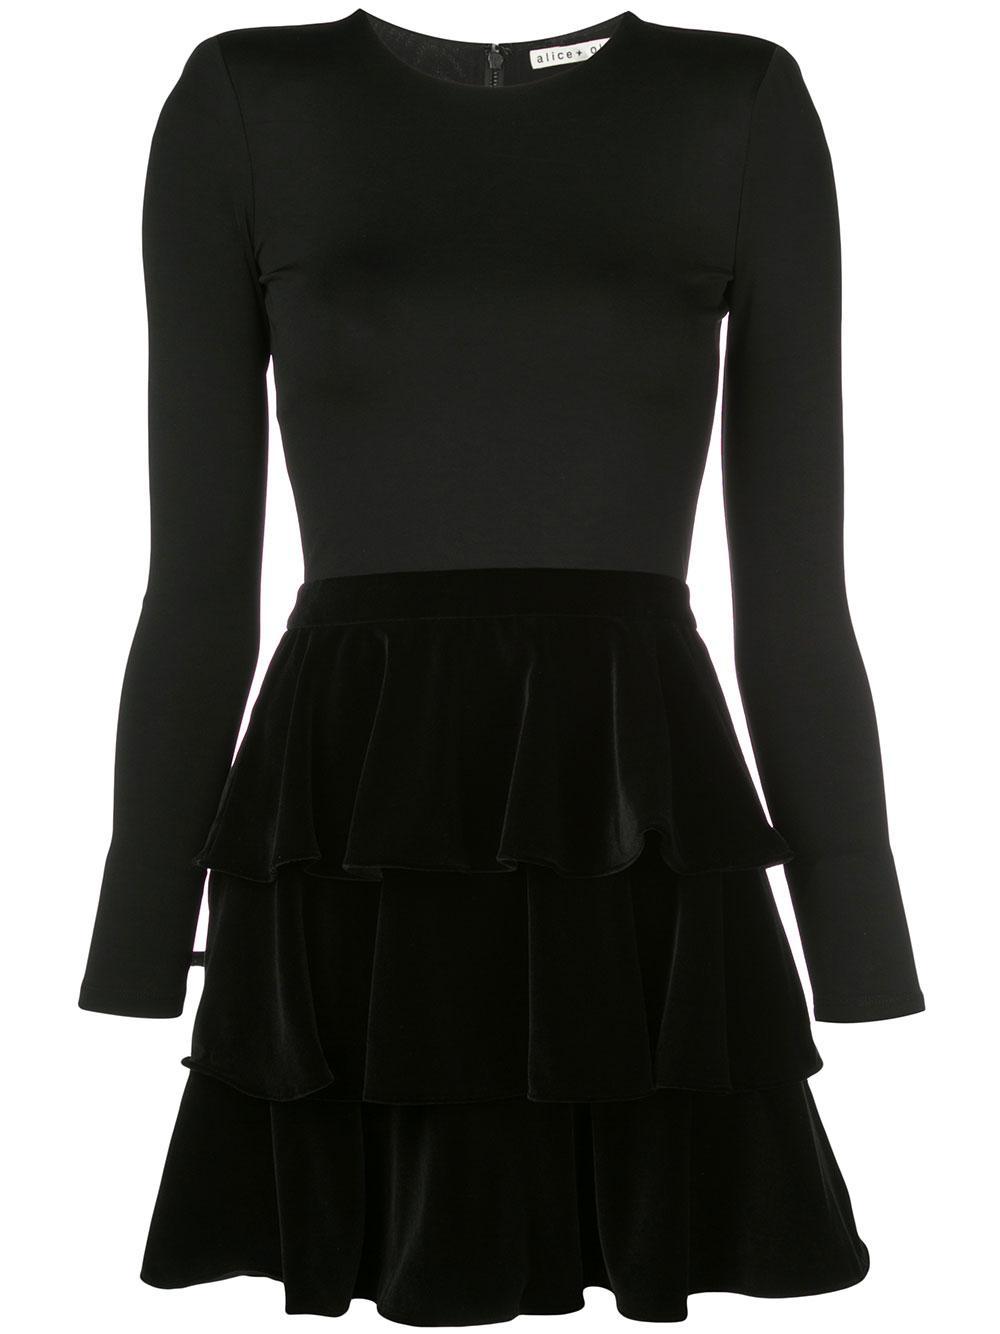 Jalen Tiered Velvet Skirt Mini Dress Item # CC910B69509